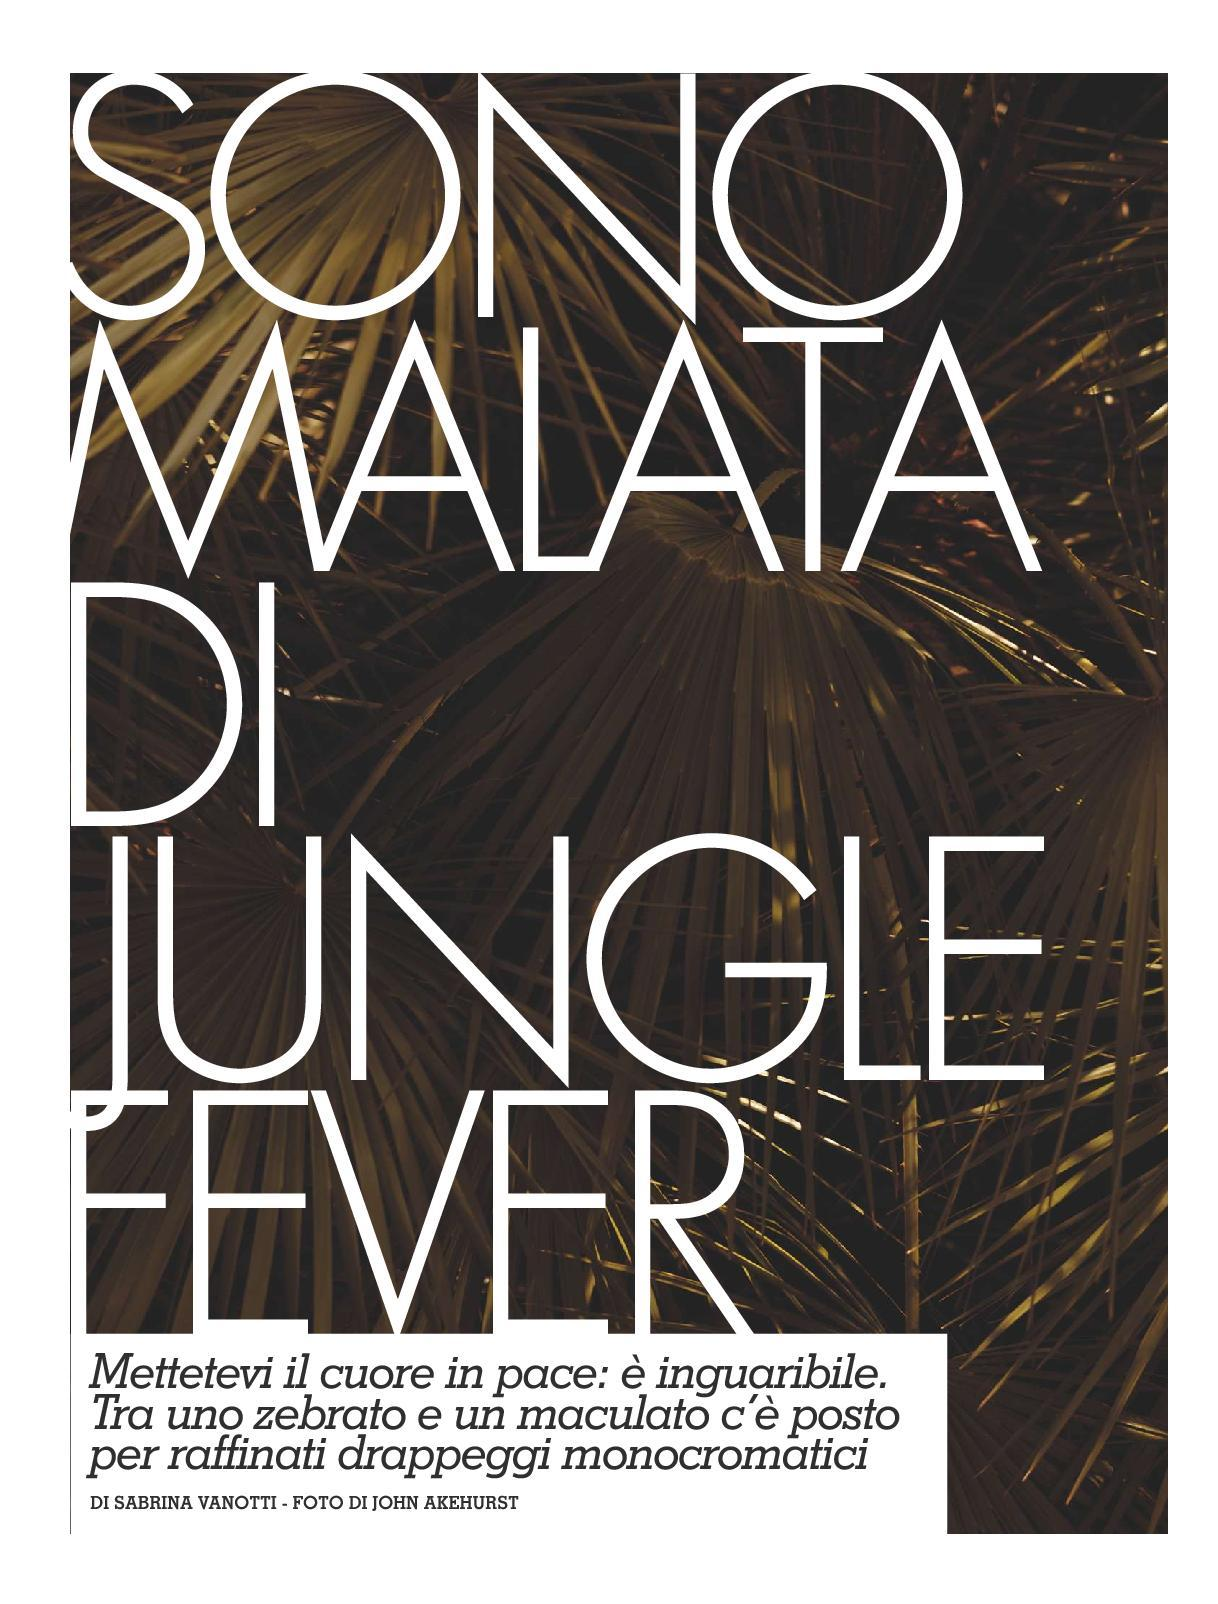 Cato van Ee Velvet Italy July 2011